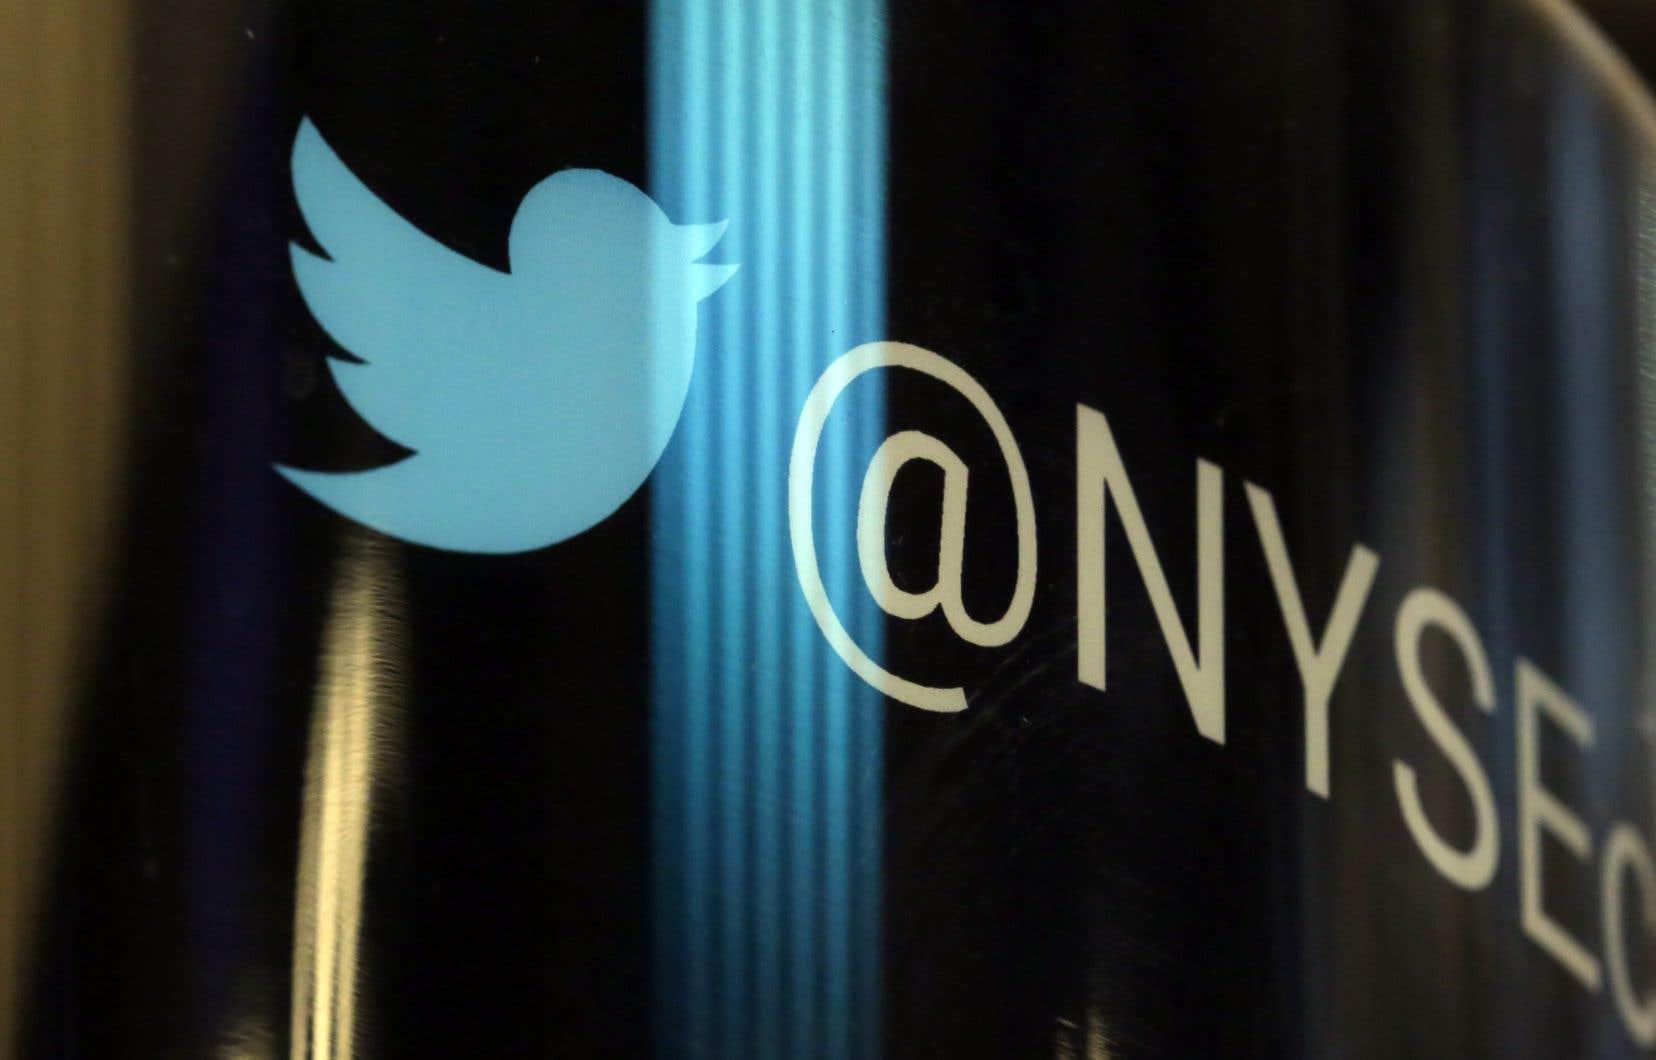 Twitter accuse un retard comparativement à d'autres géants technologiques, comme Facebook et Google, en ce qui a trait à la croissance des abonnés ainsi que des revenus publicitaires.